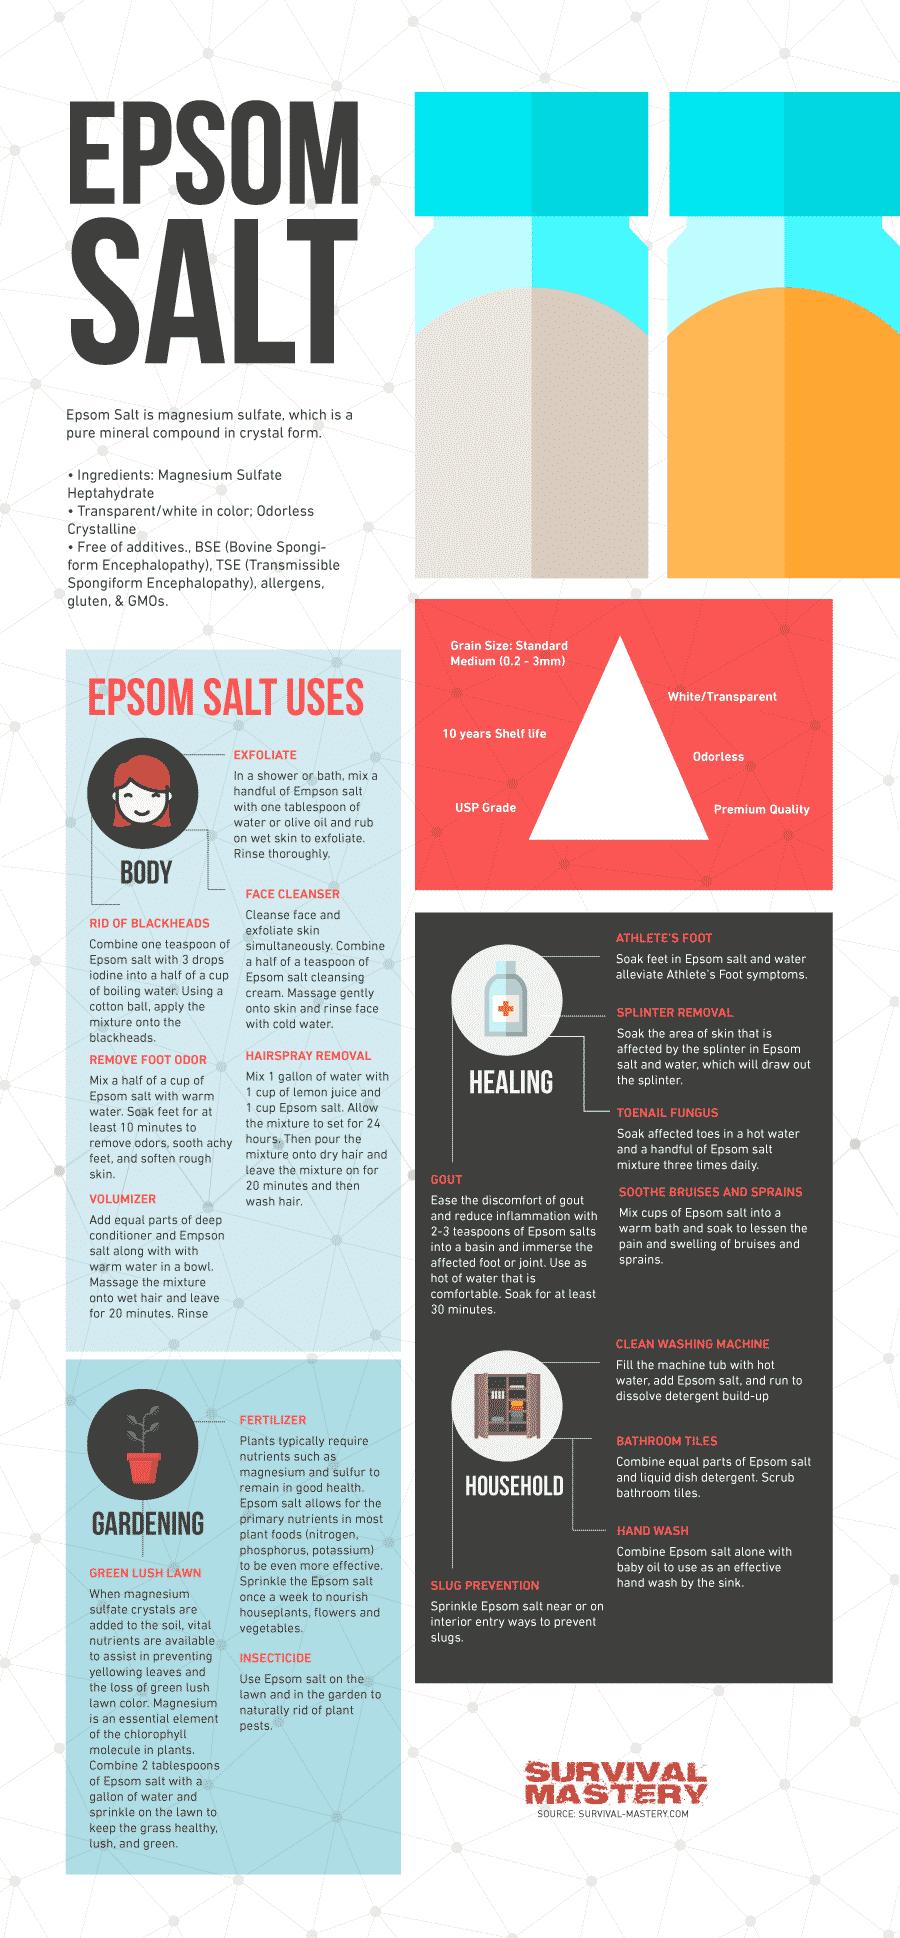 Uses for Epsom Salt infographic